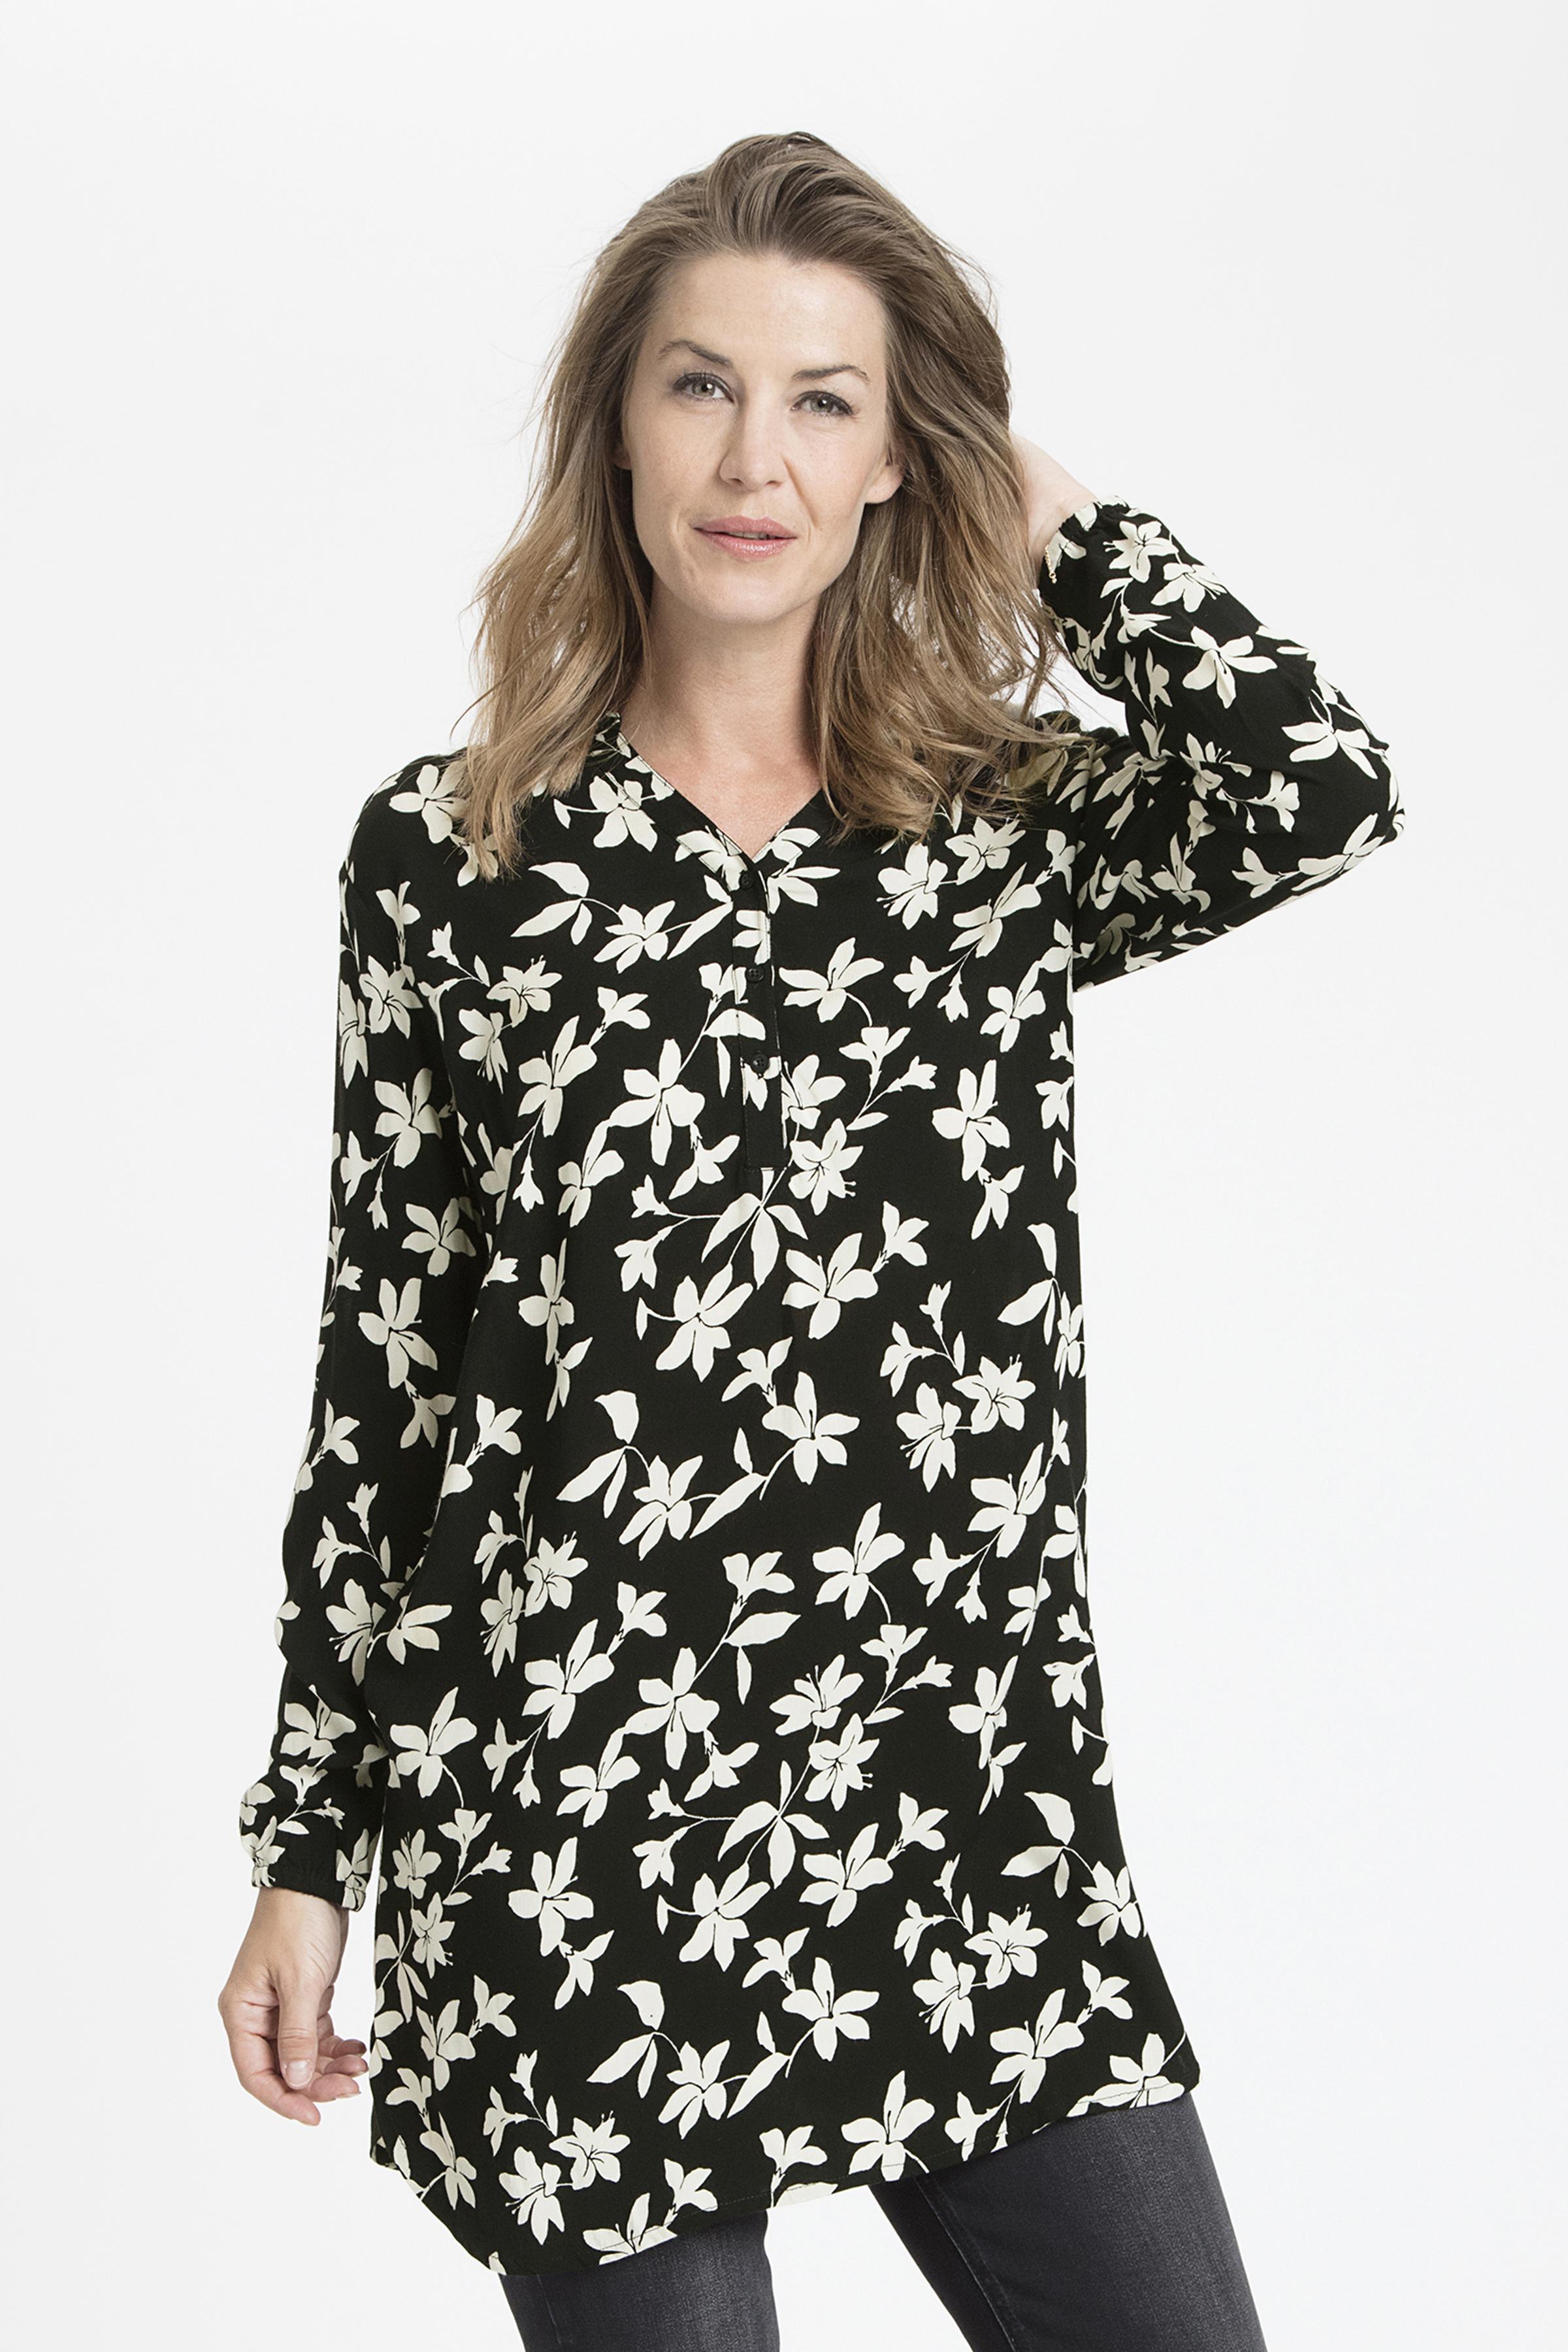 Wollweiß/schwarz Kleid von Bon'A Parte – Shoppen Sie Wollweiß/schwarz Kleid ab Gr. S-2XL hier